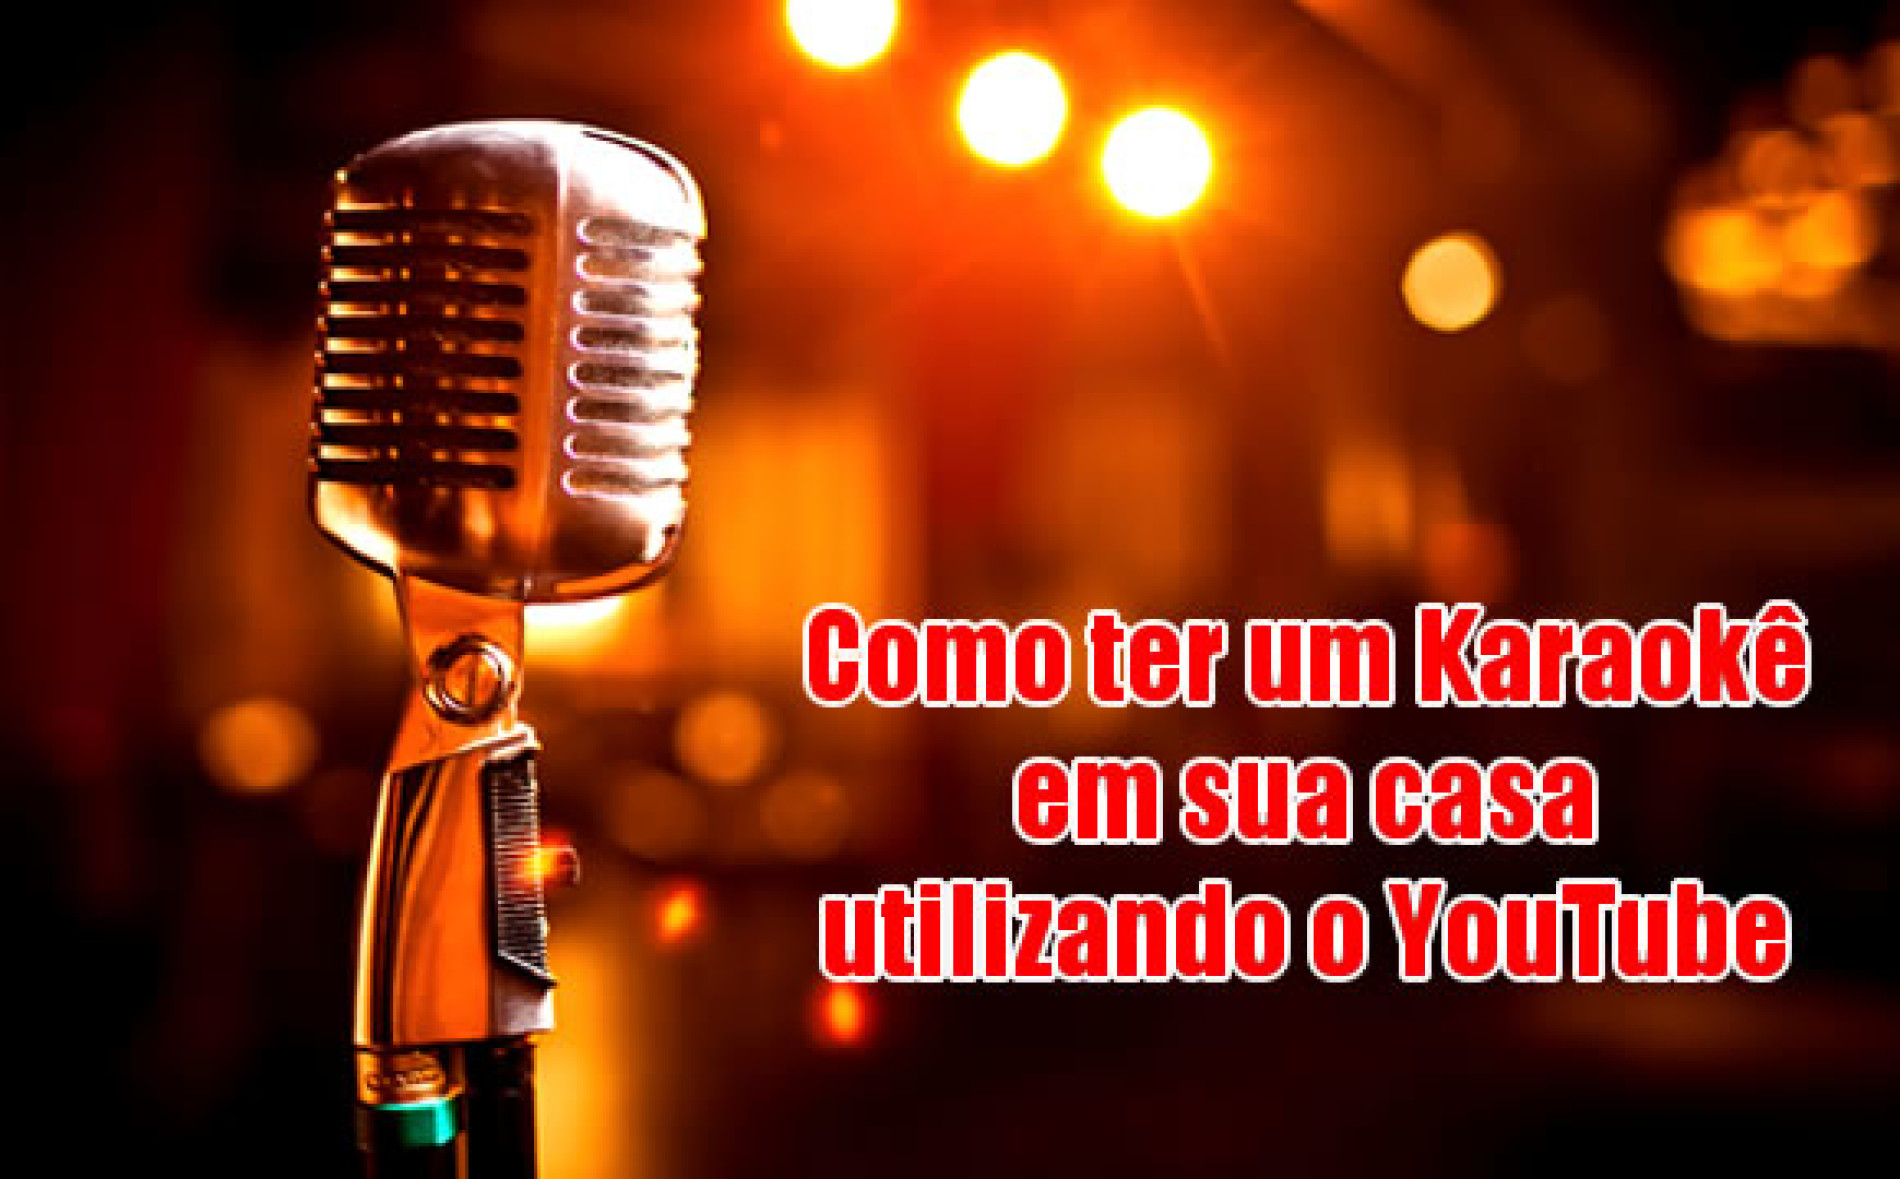 Como ter um karaoke em casa com o youtube - Karaoke en casa ...